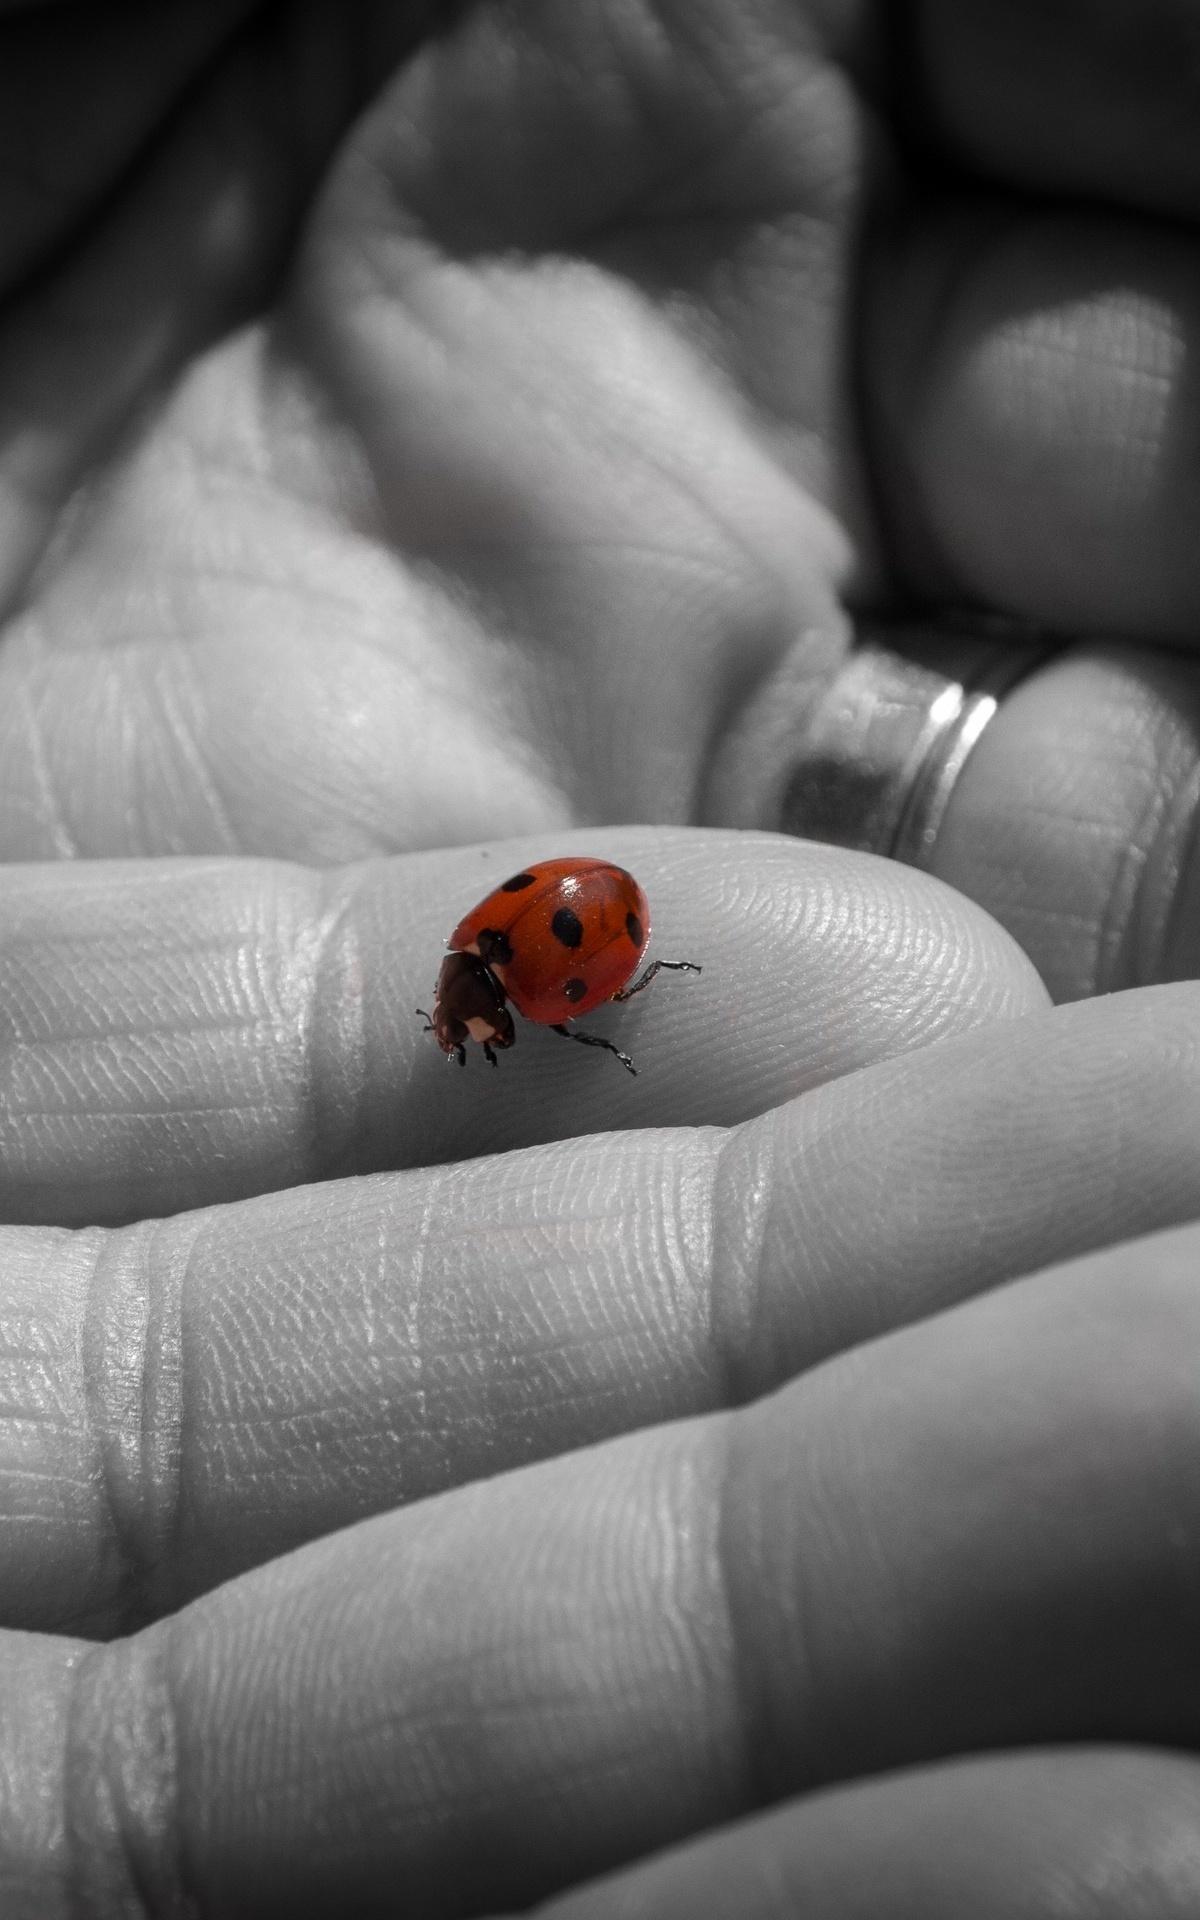 Bilder Marienkäfer Finger Tiere Großansicht 1200x1920